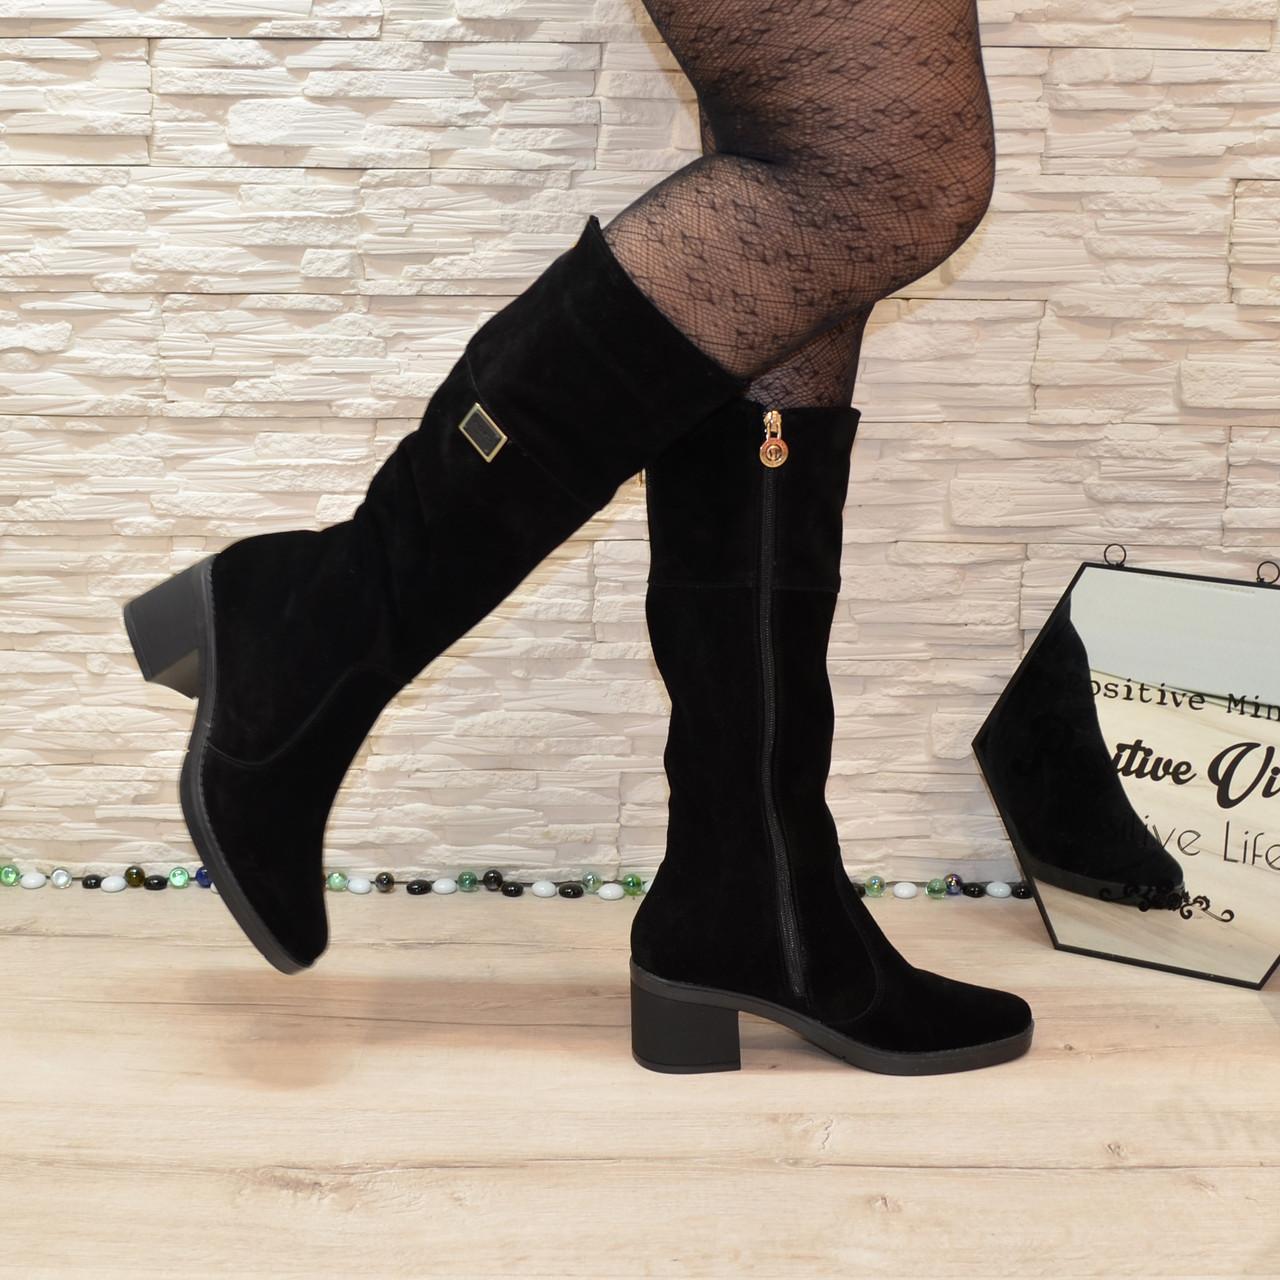 Сапоги замшевые женские  на невысоком каблуке, цвет черный